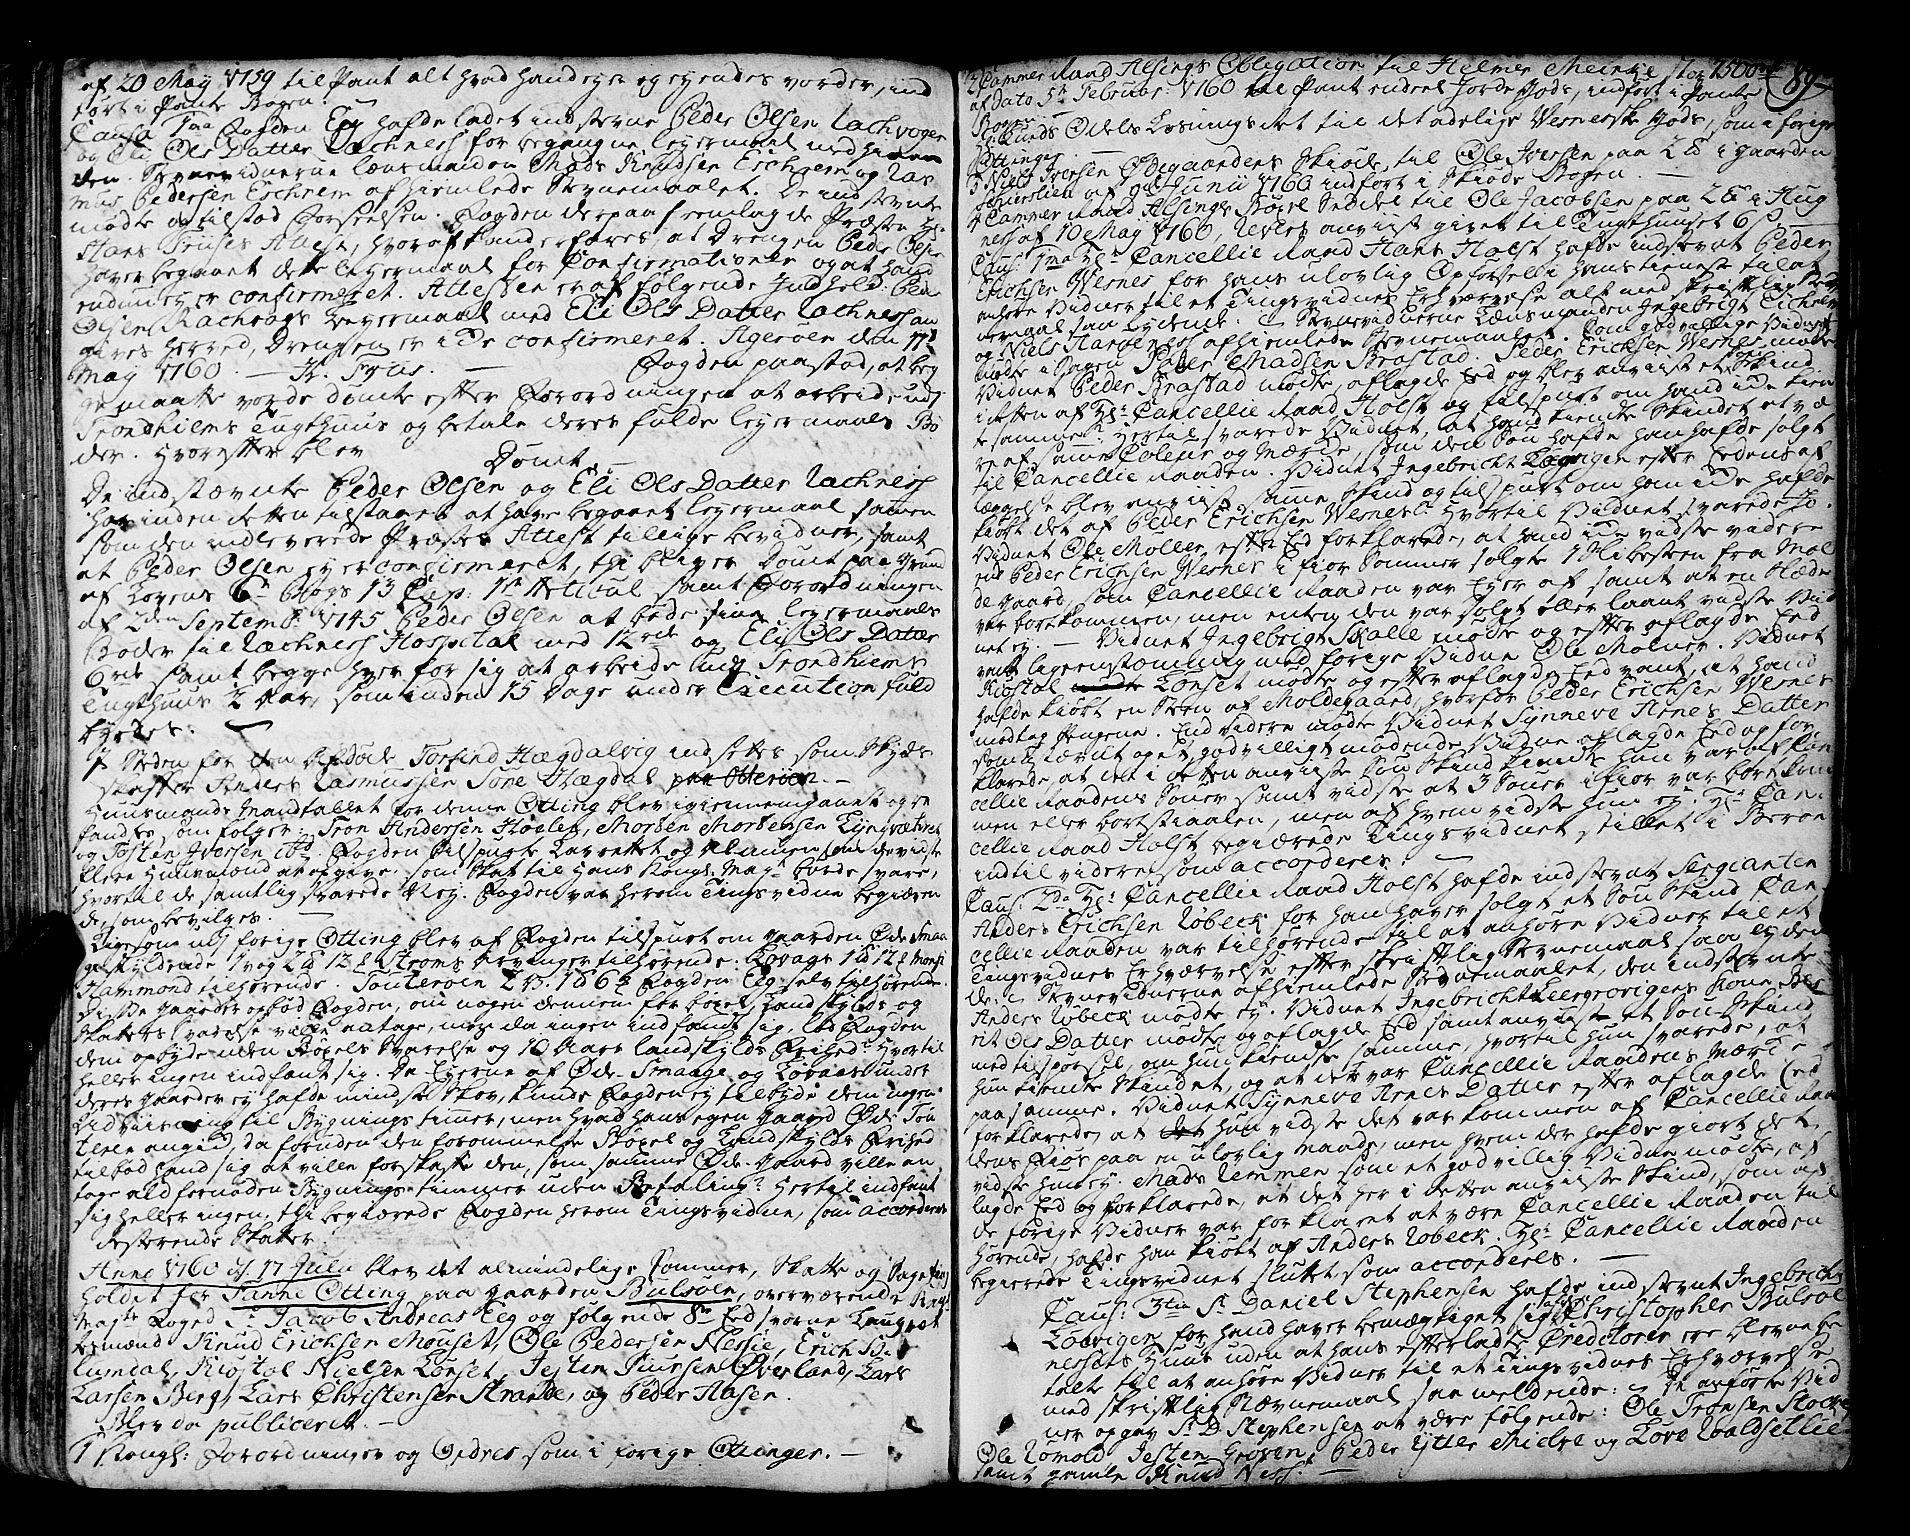 SAT, Romsdal sorenskriveri, 1/1A/L0014: Tingbok, 1757-1765, s. 89